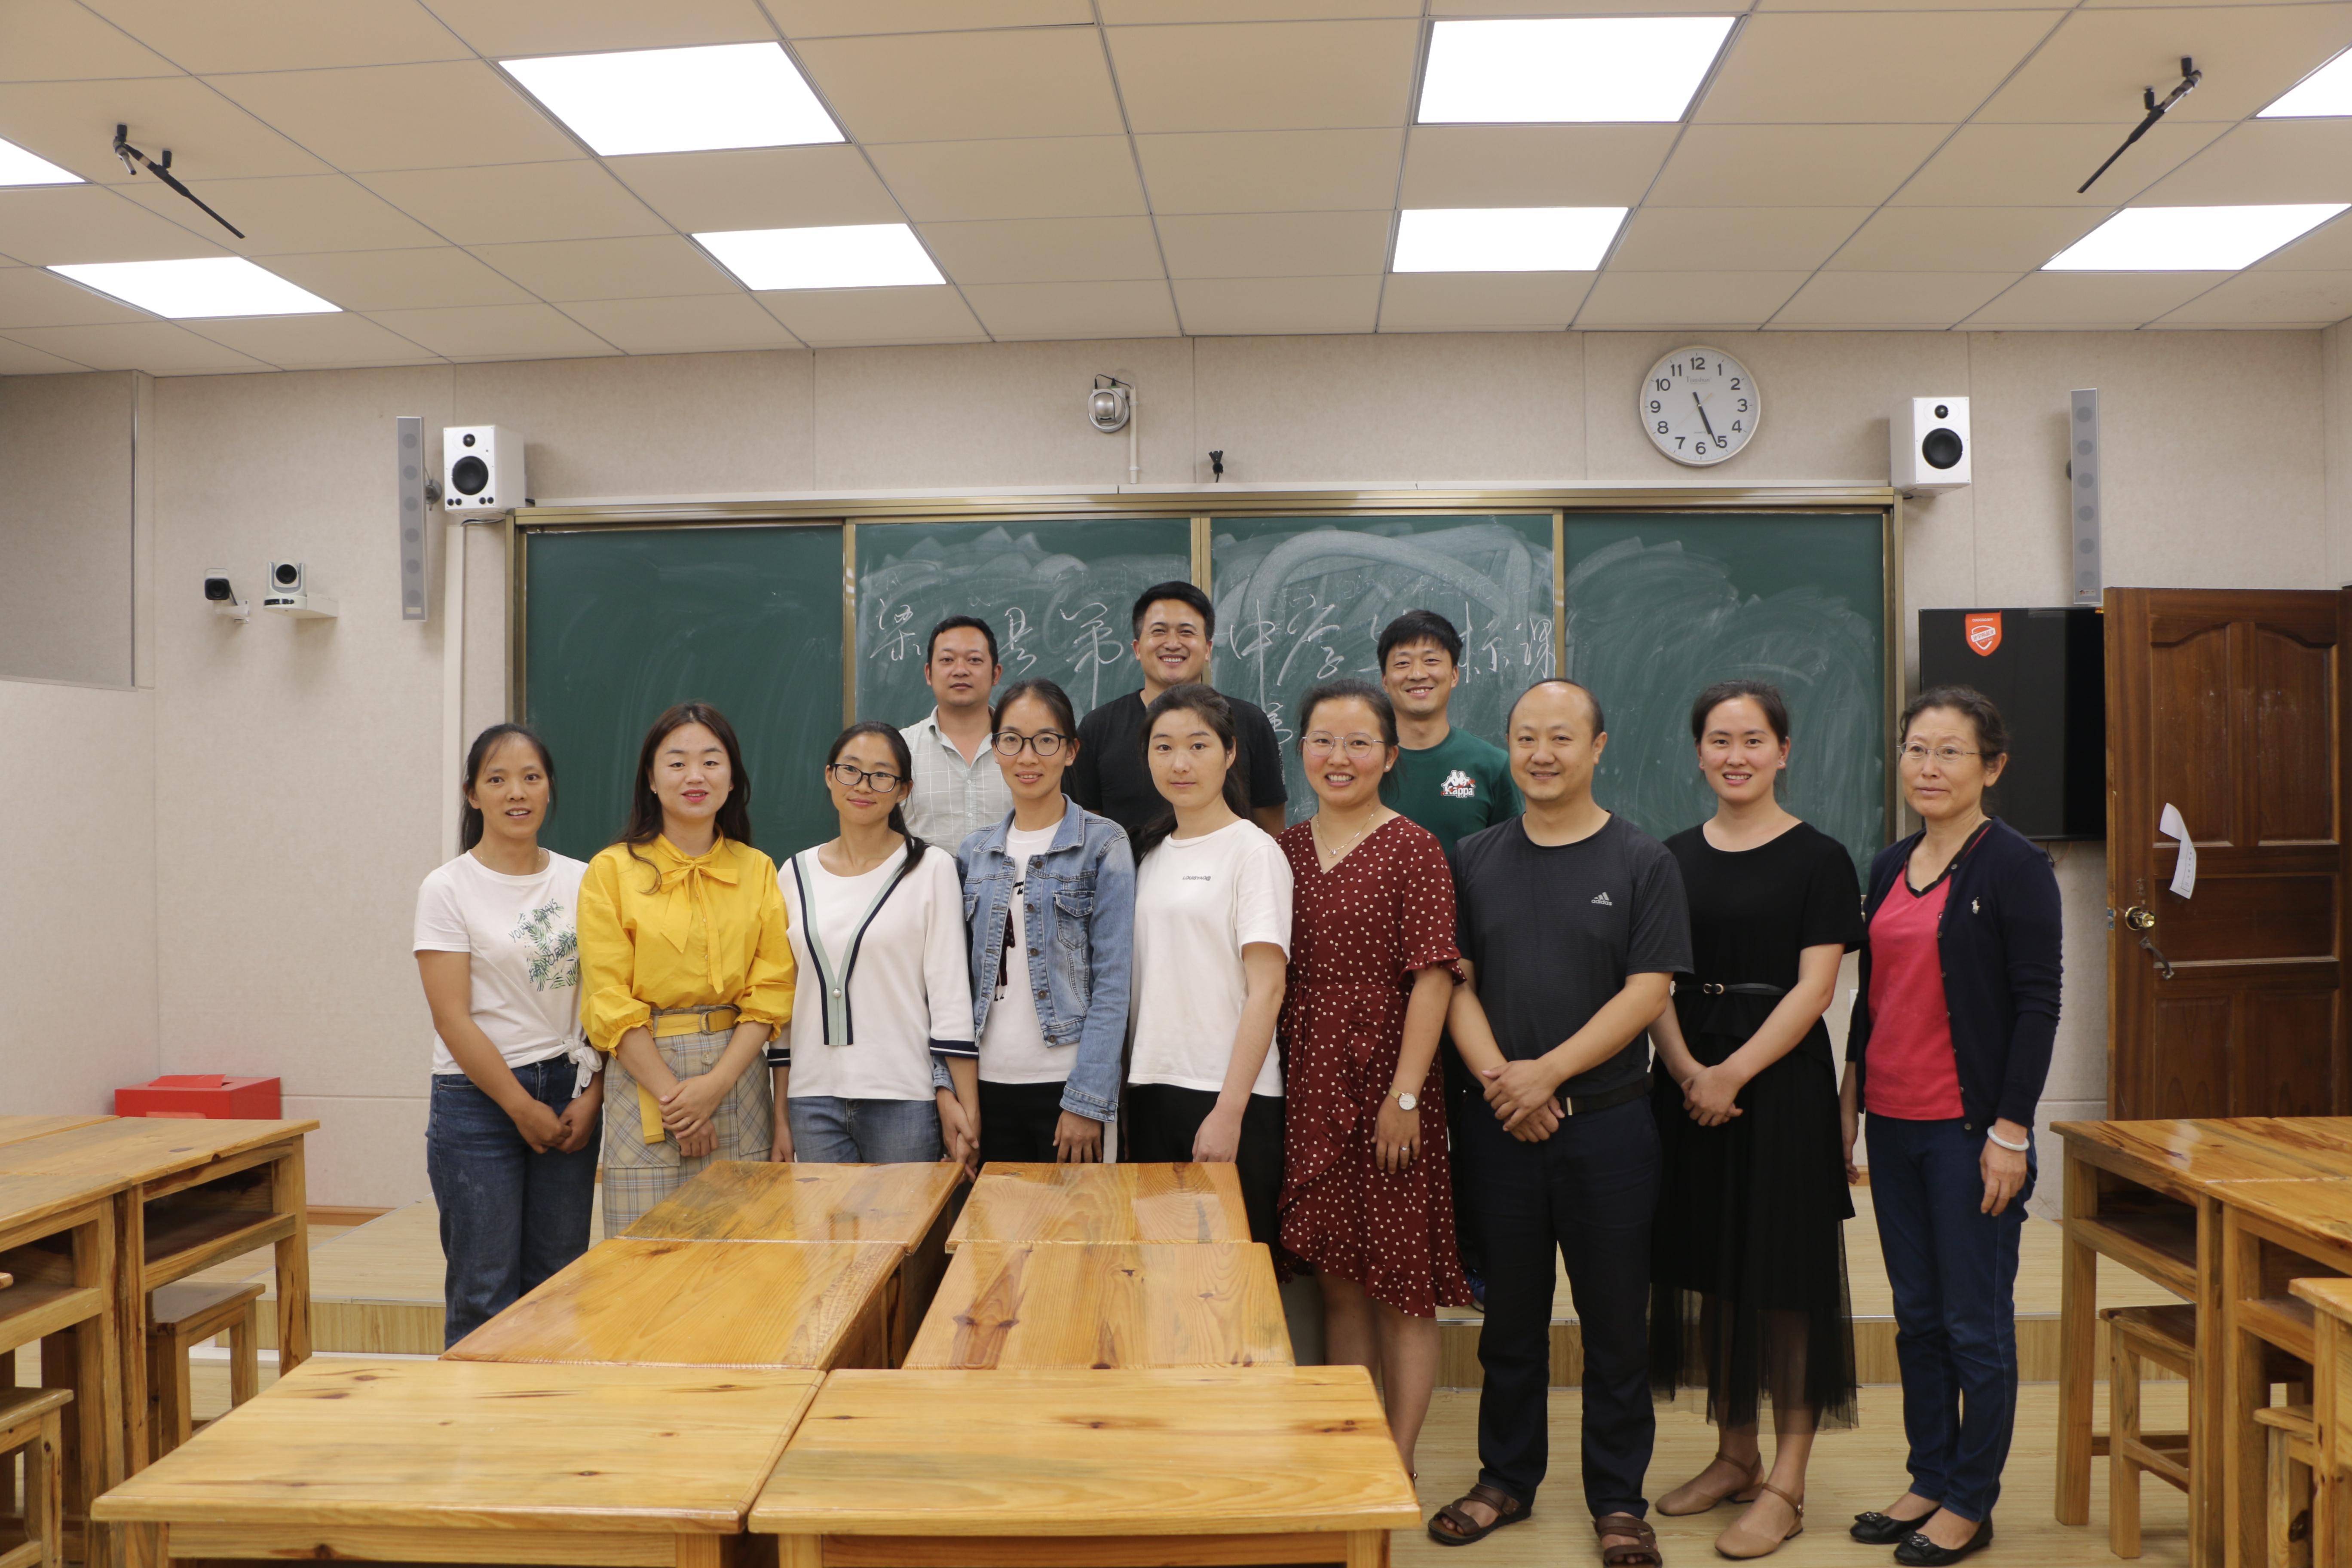 梁河县第一中学开展专家老师达标课评课活动